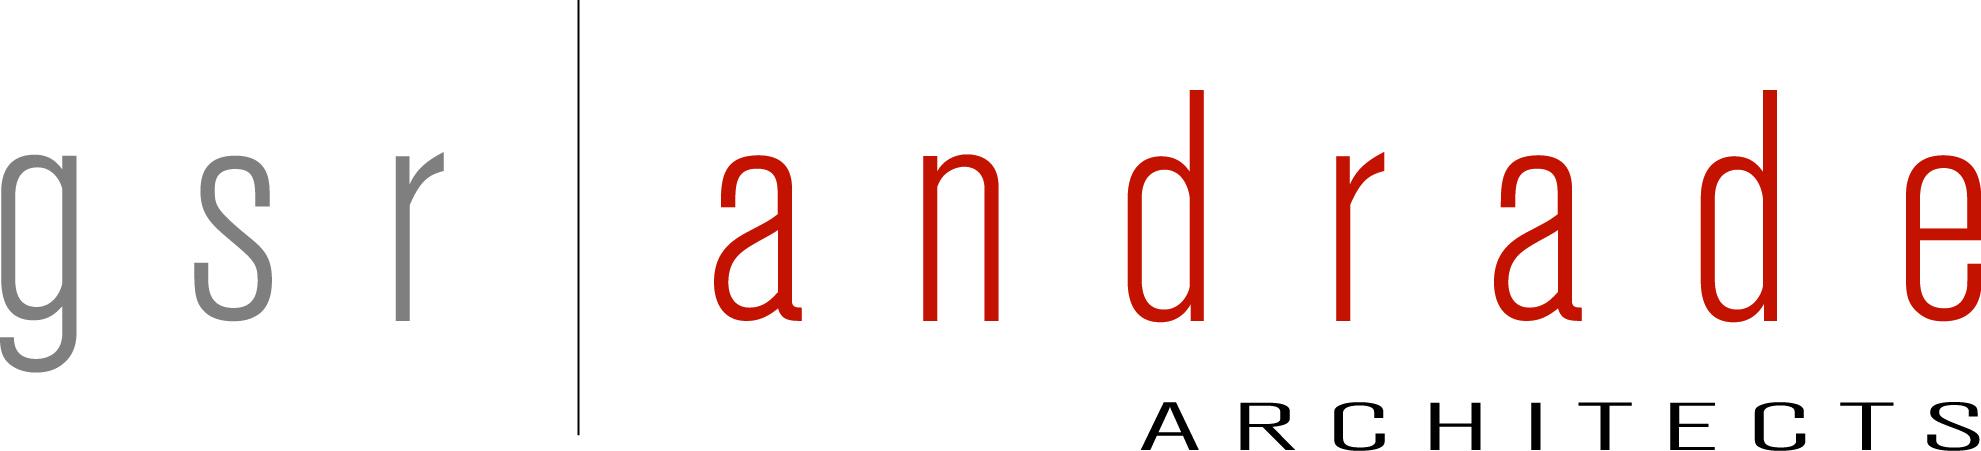 COTE Tour - GSR Andrade logo